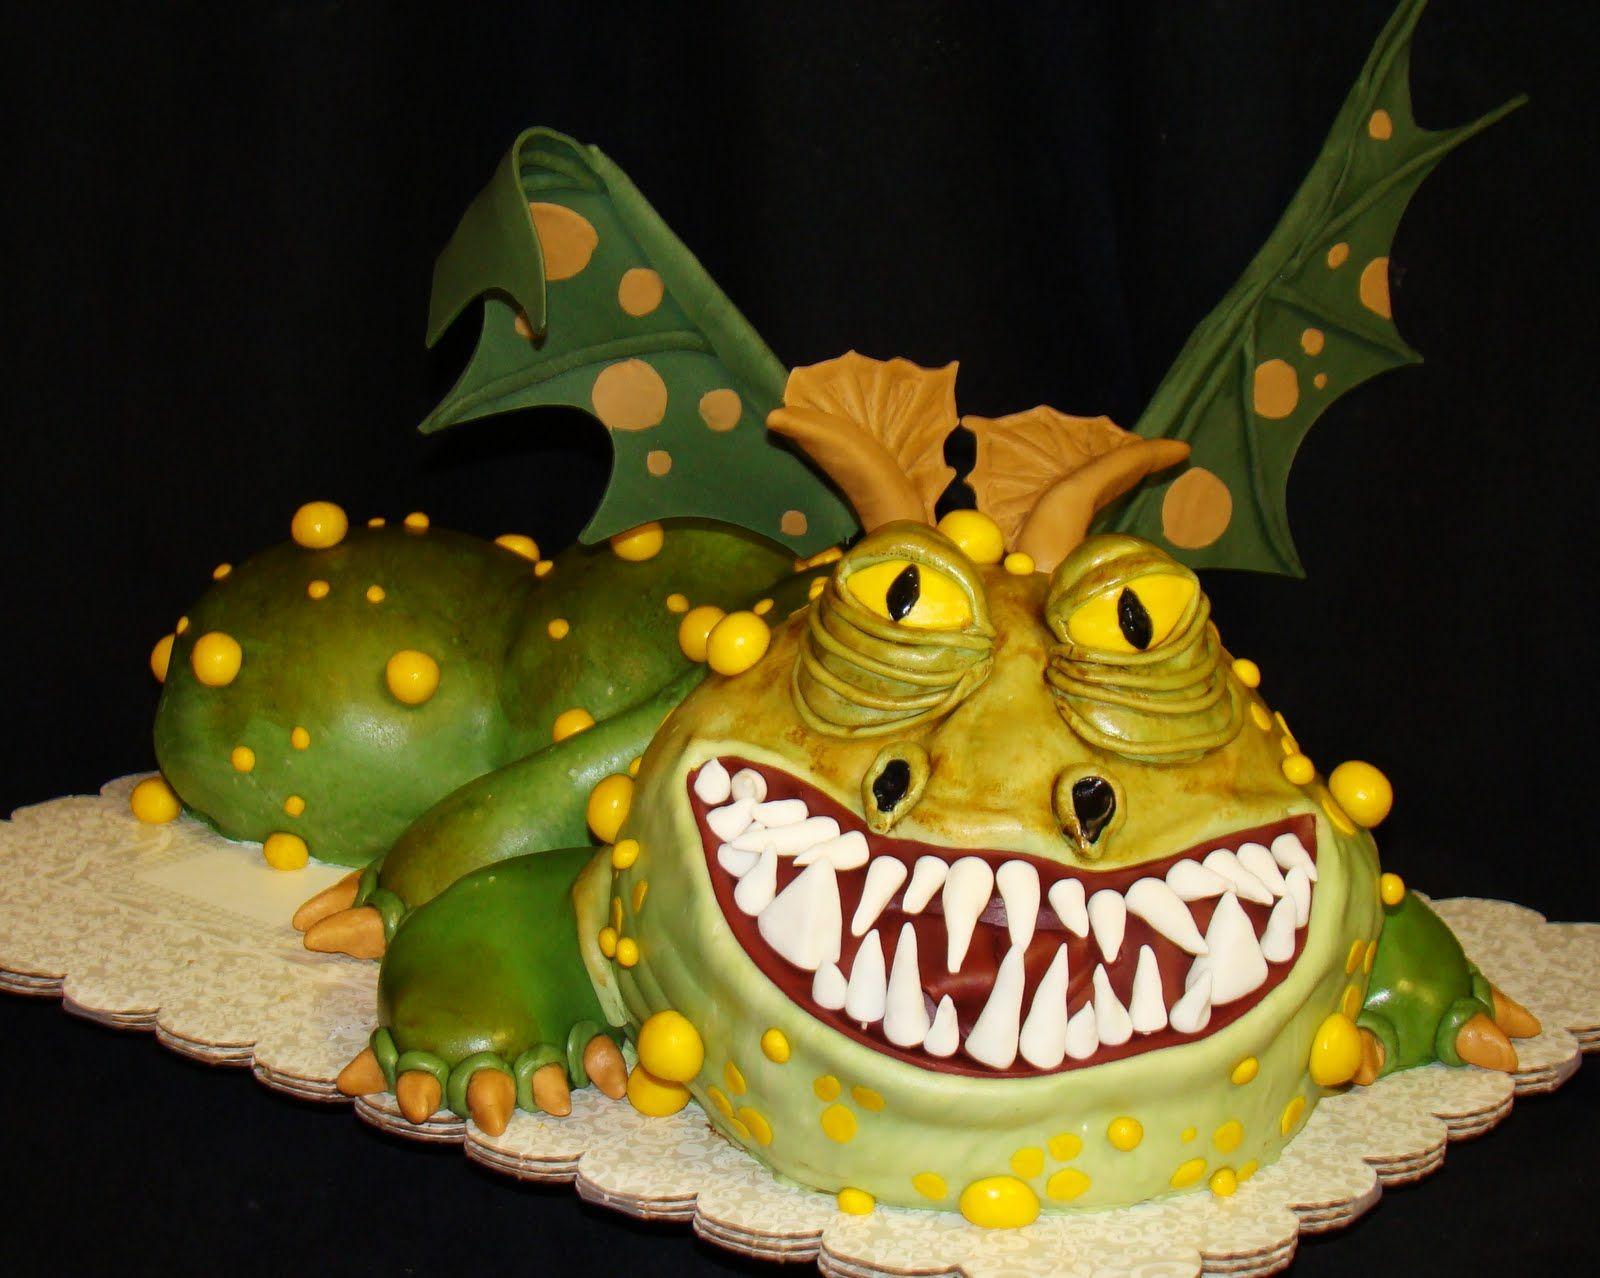 картинки драконов на торт